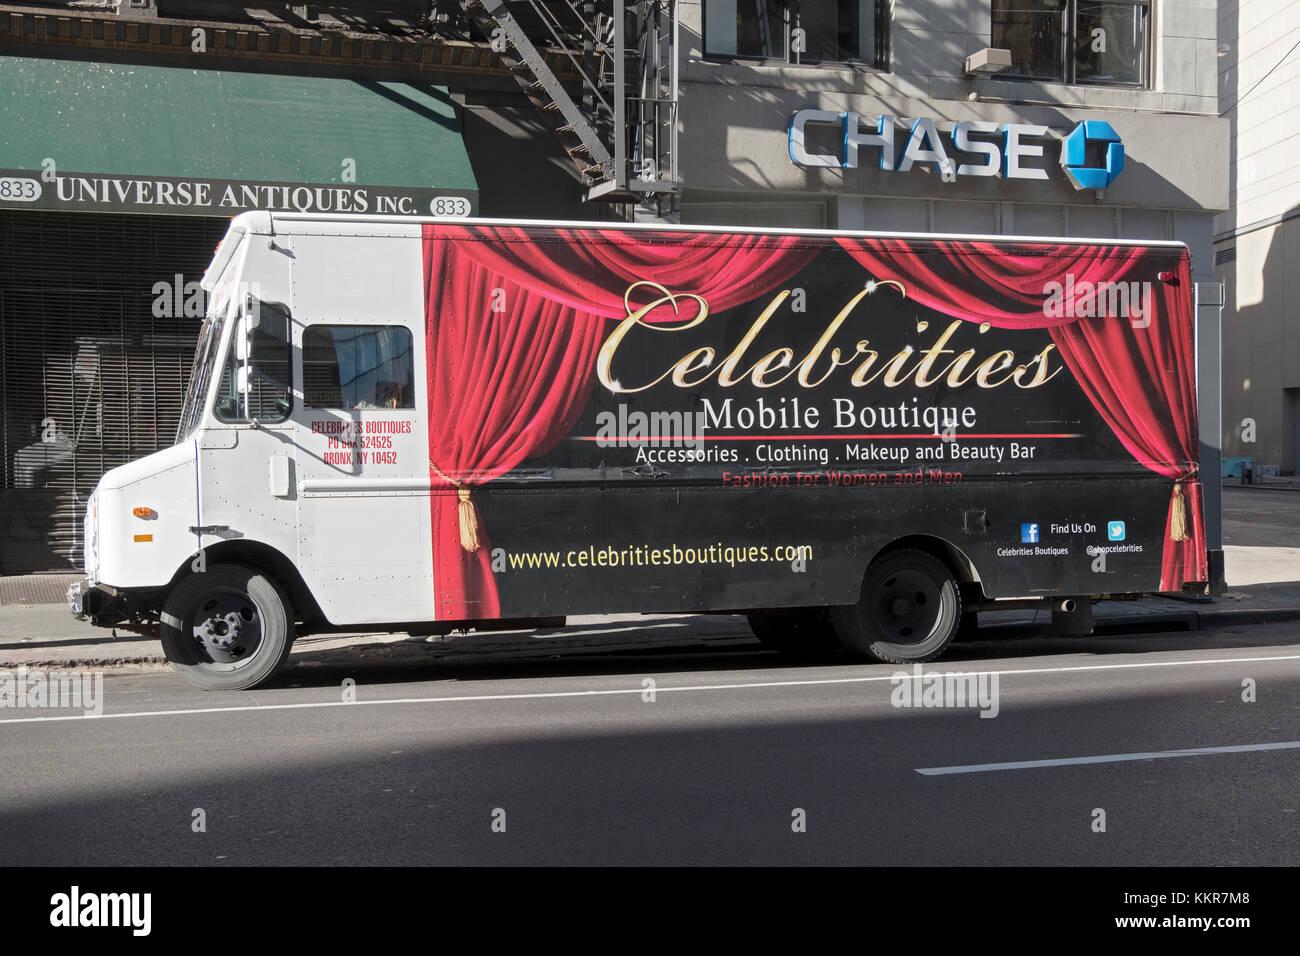 Prominente Boutiquen, ein Fahrzeug in einem omwen Clothing Store am Broadway in Greenwich Village, New York City Stockbild